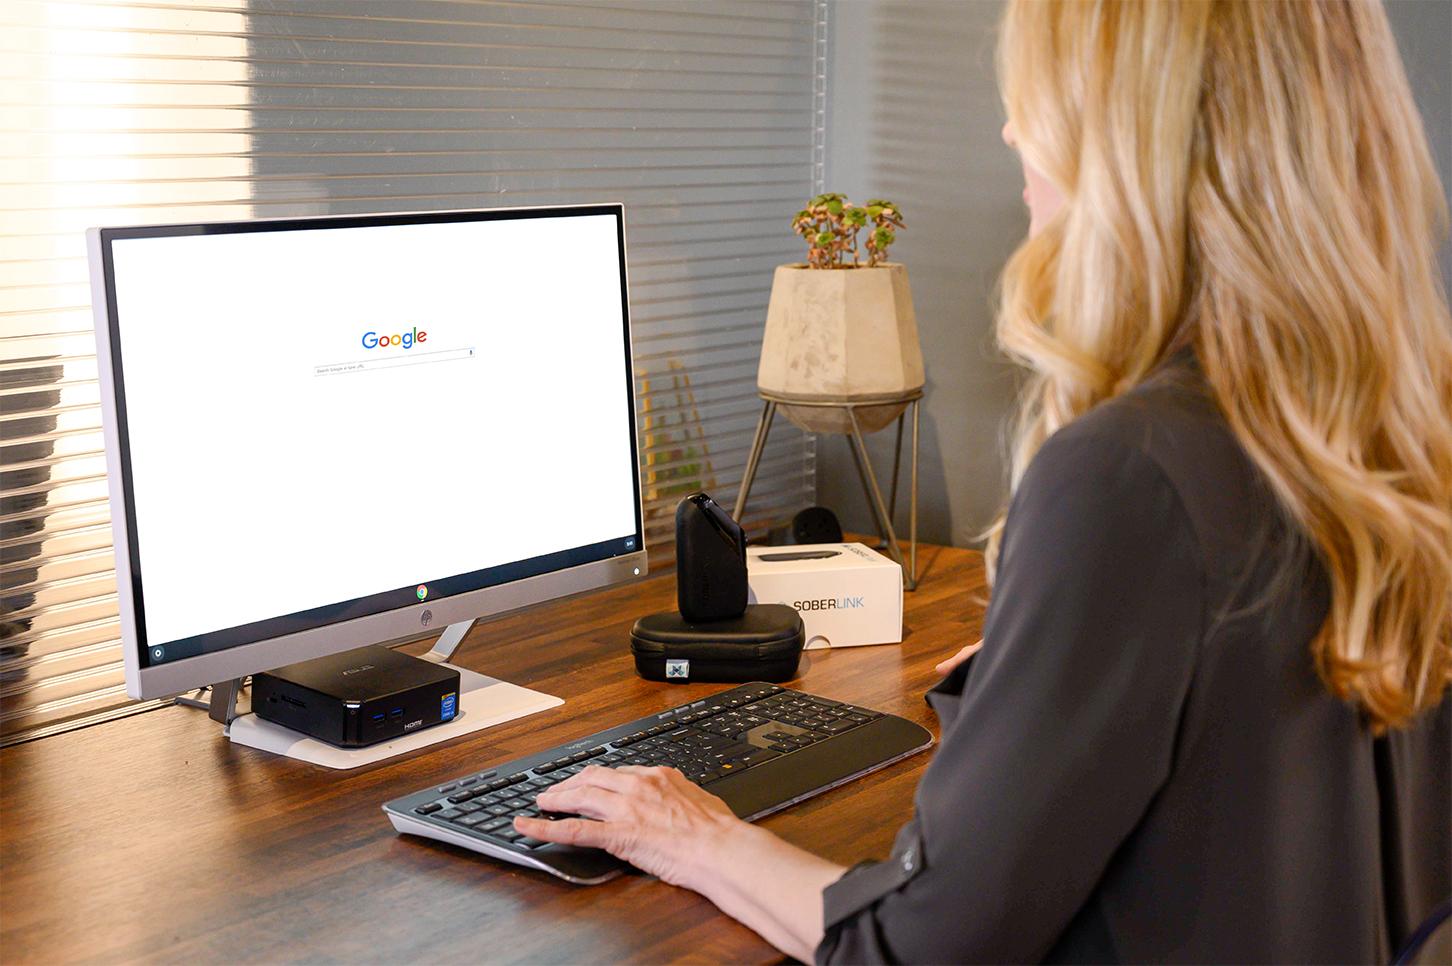 Woman at computer searching Google